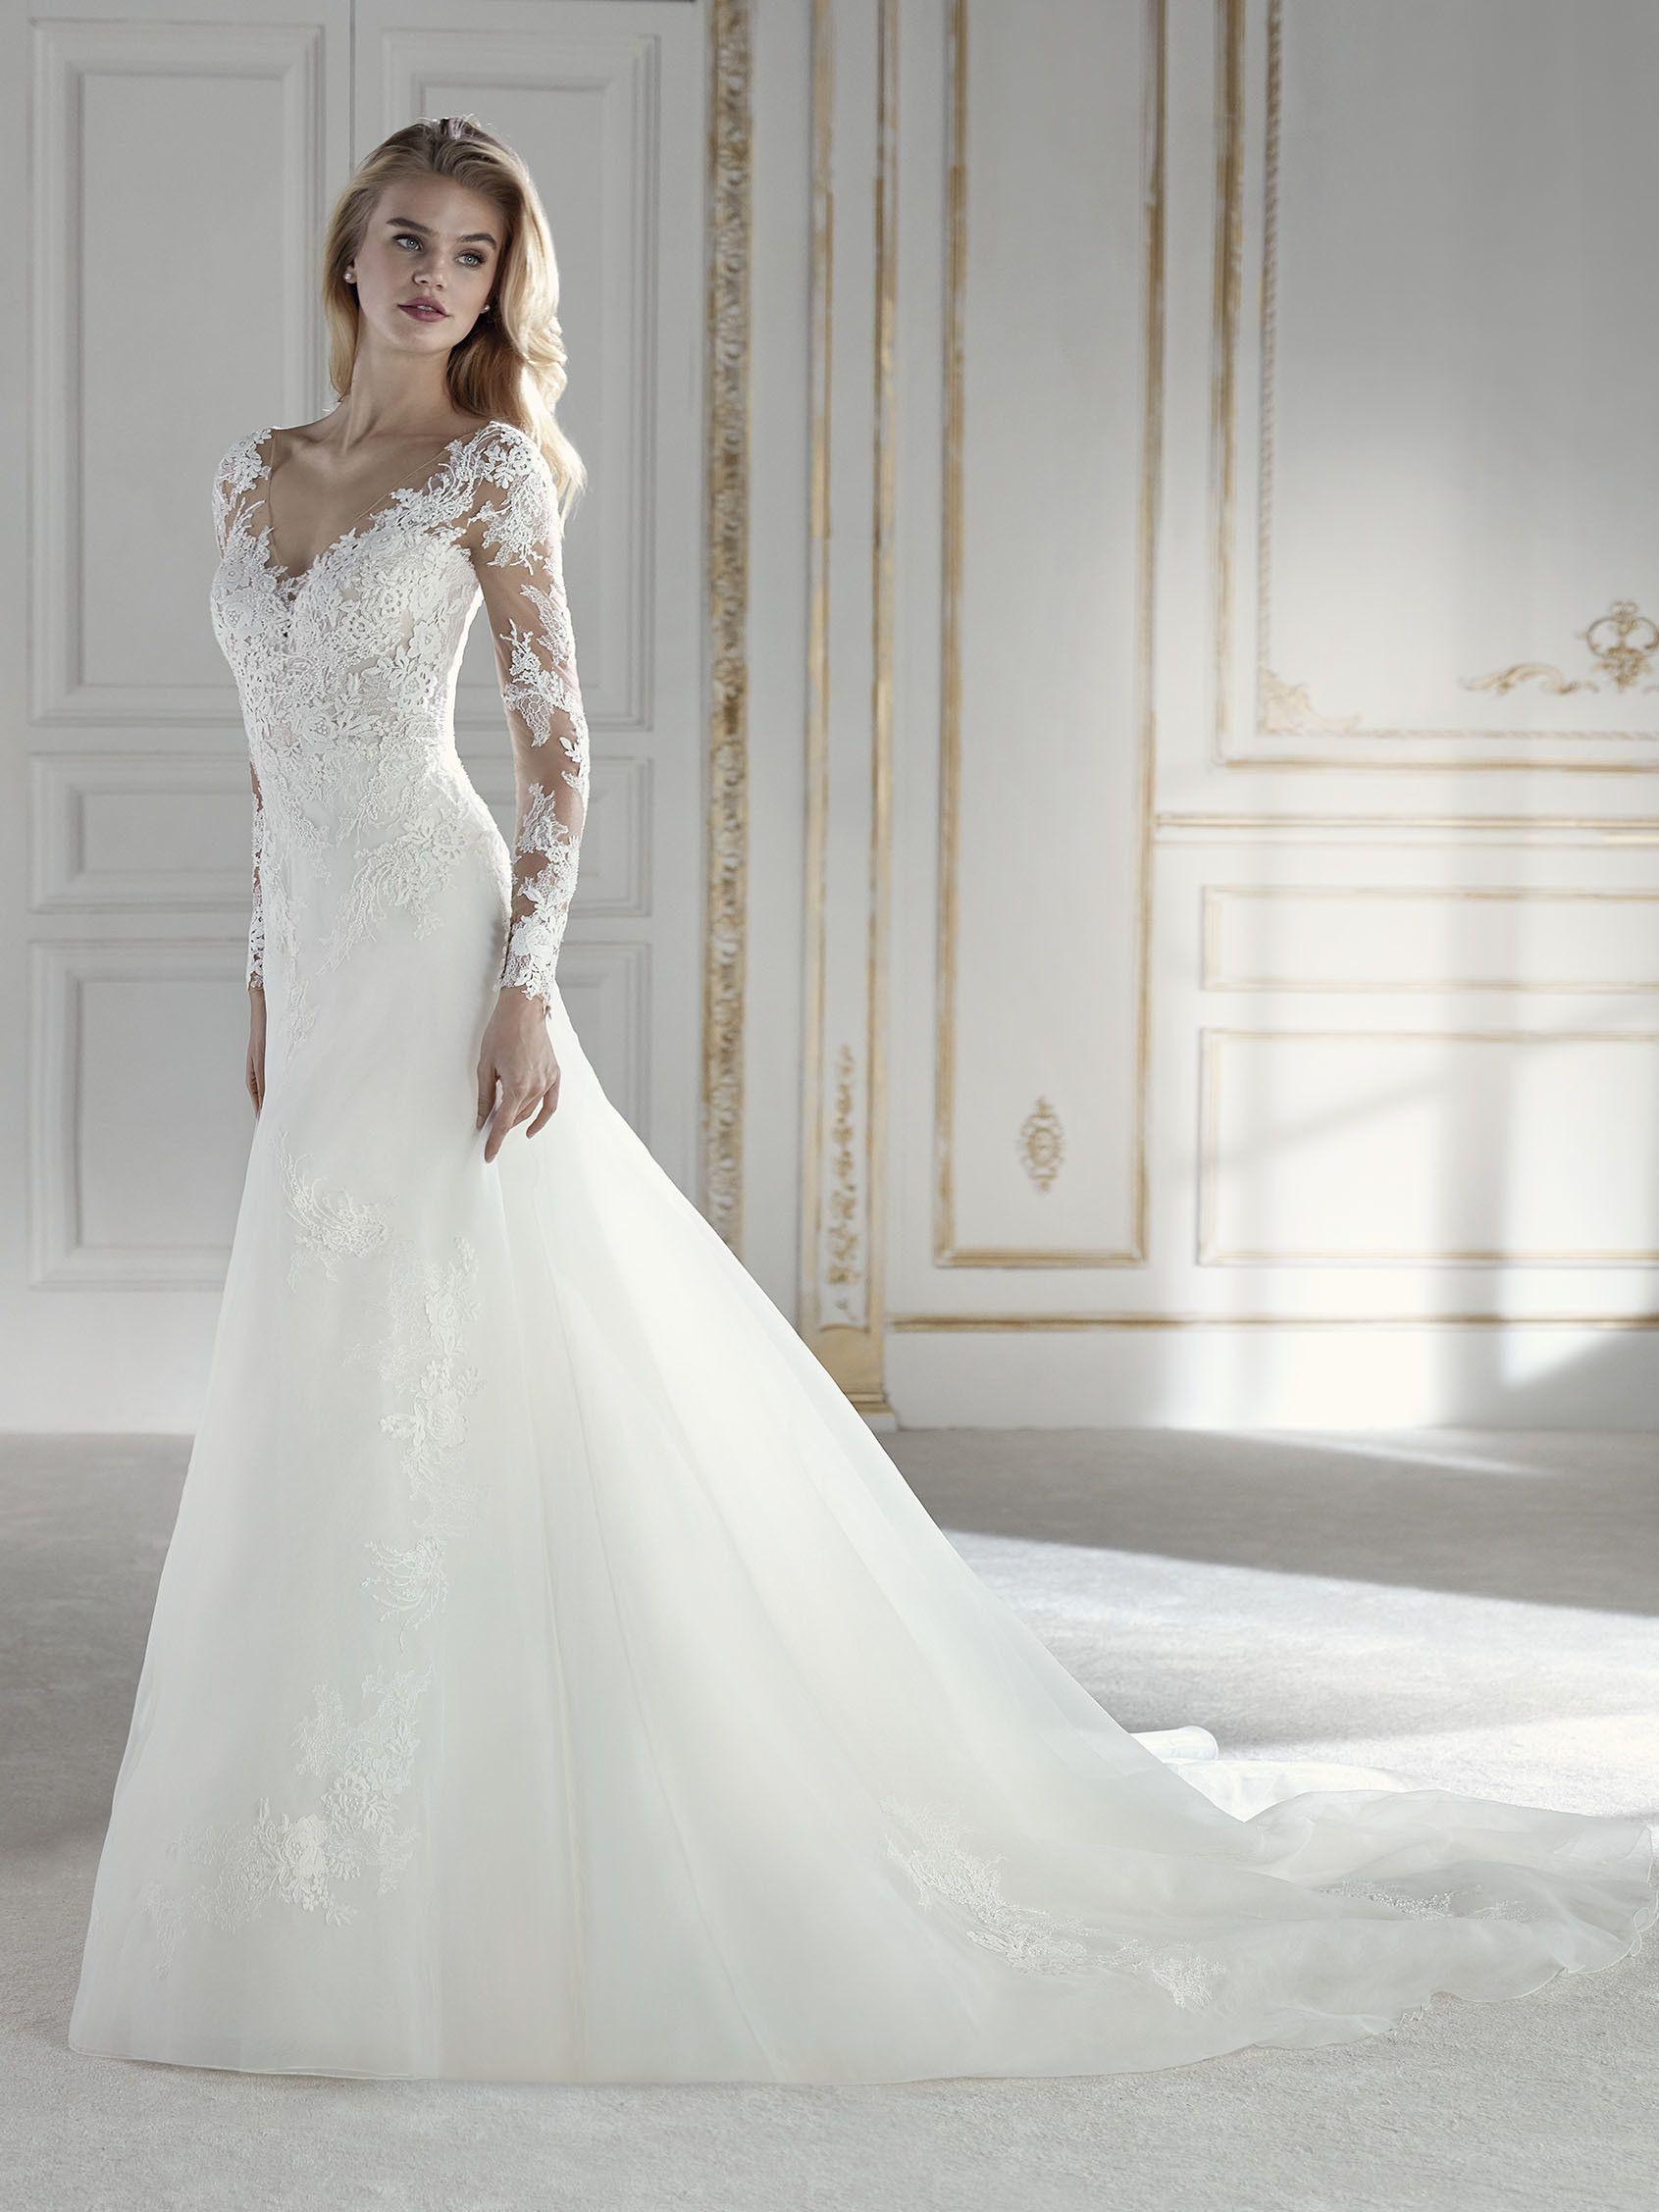 Pina Brautkleid Im Meerjungfrau-Stil  Meerjungfrauen Kleid